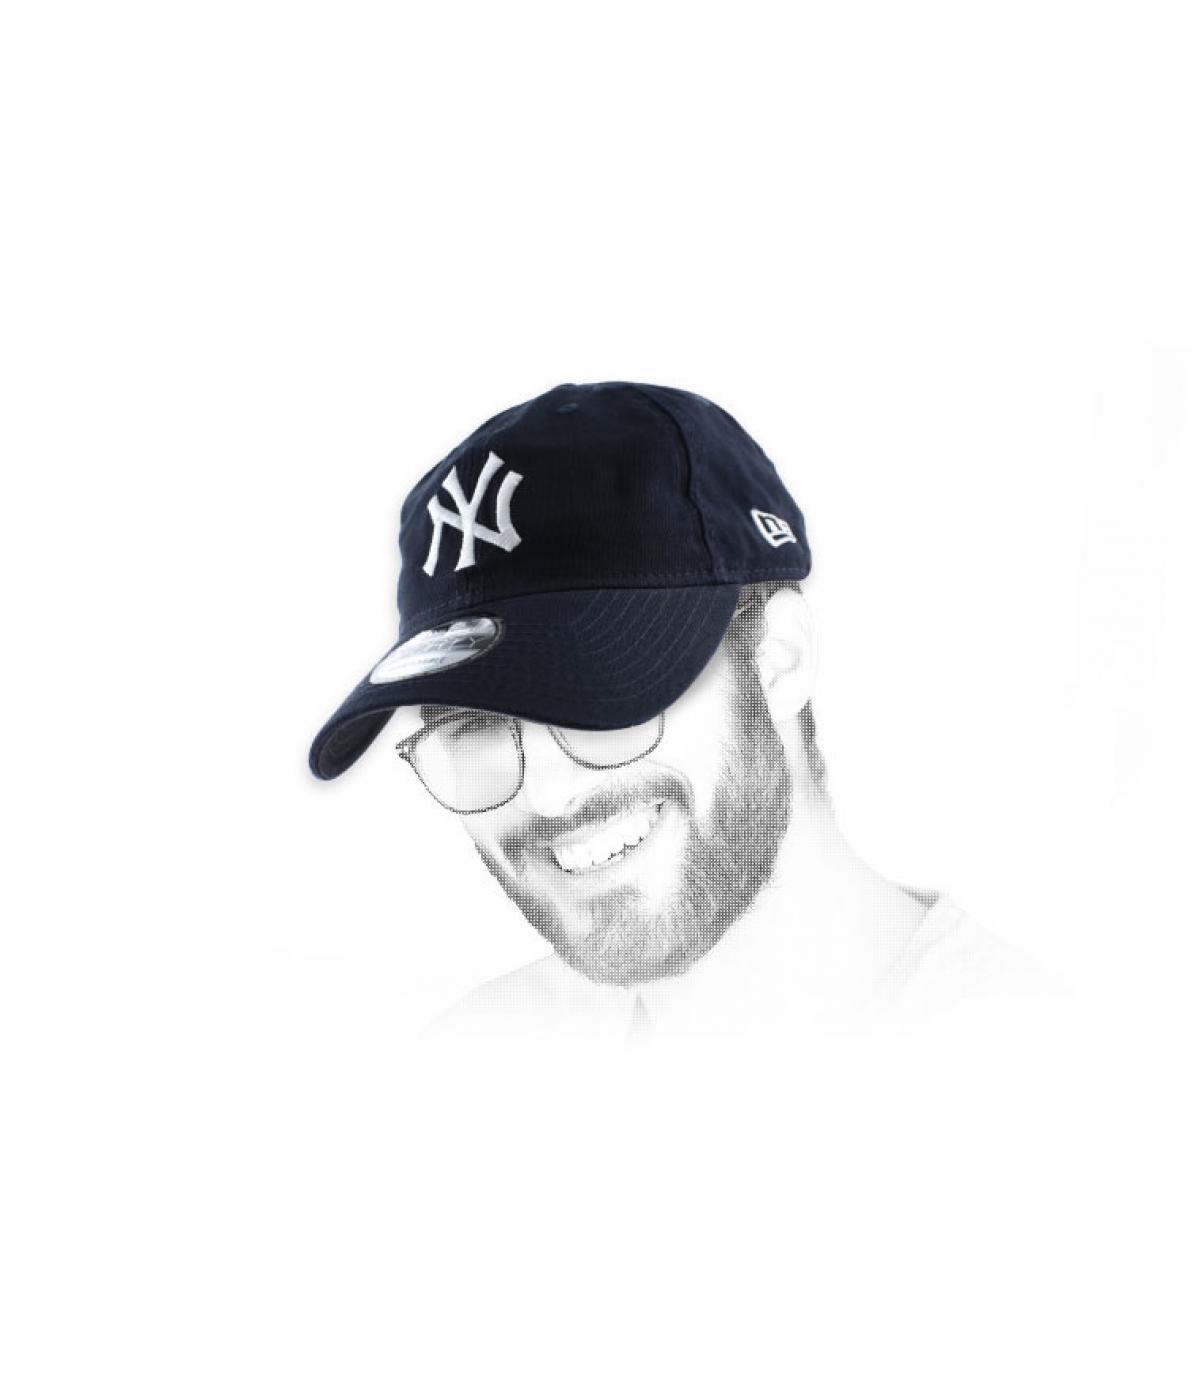 casquette déstructurée NY bleue